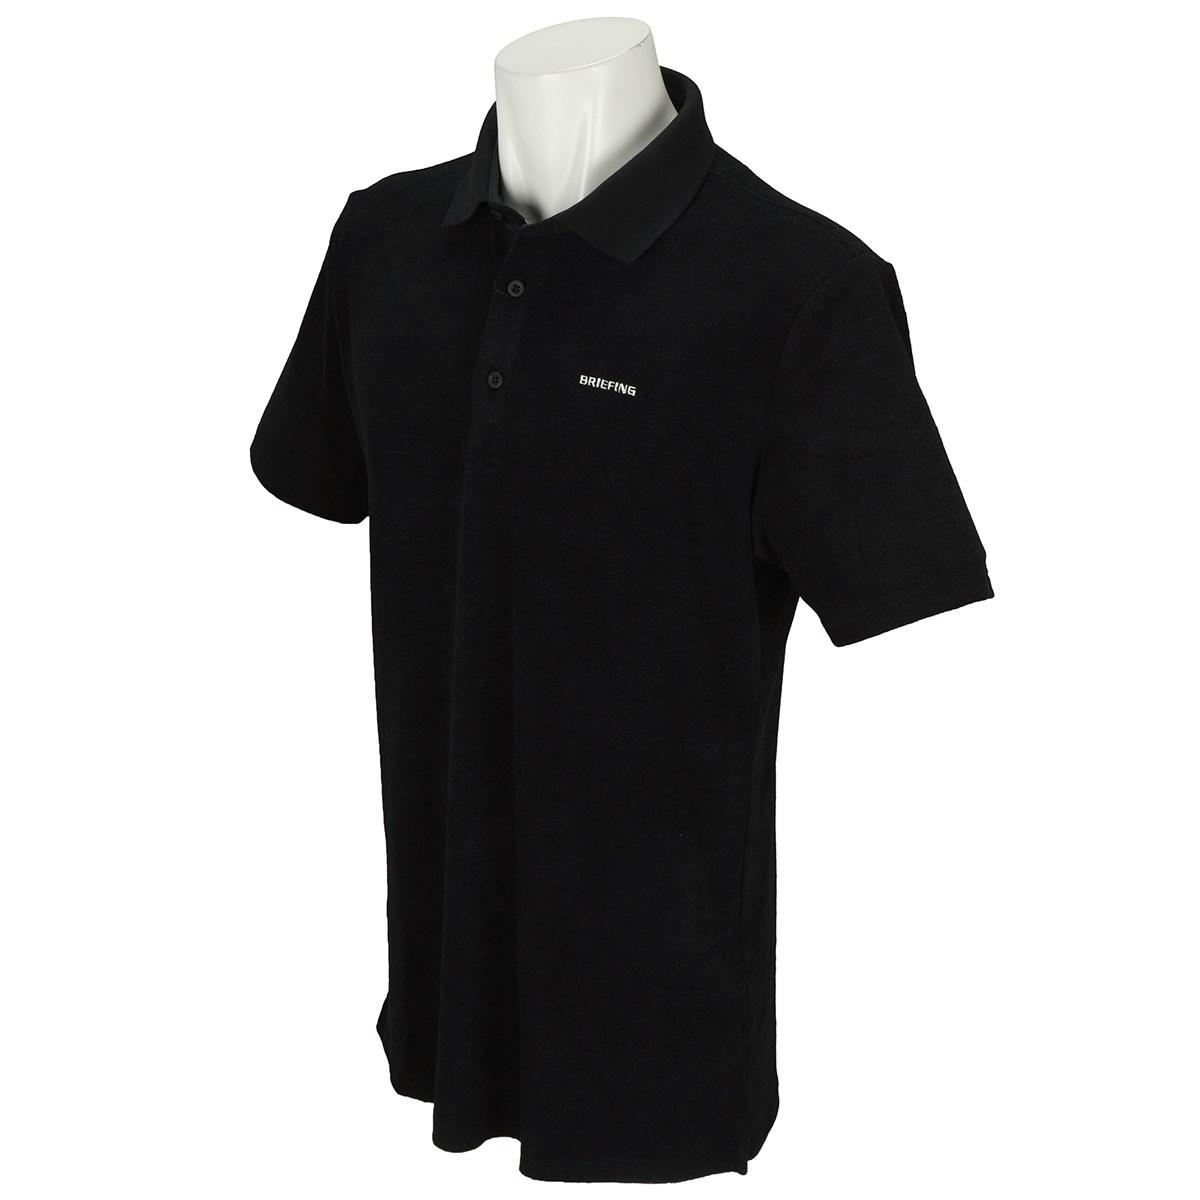 ブリーフィング PILE 半袖ポロシャツ